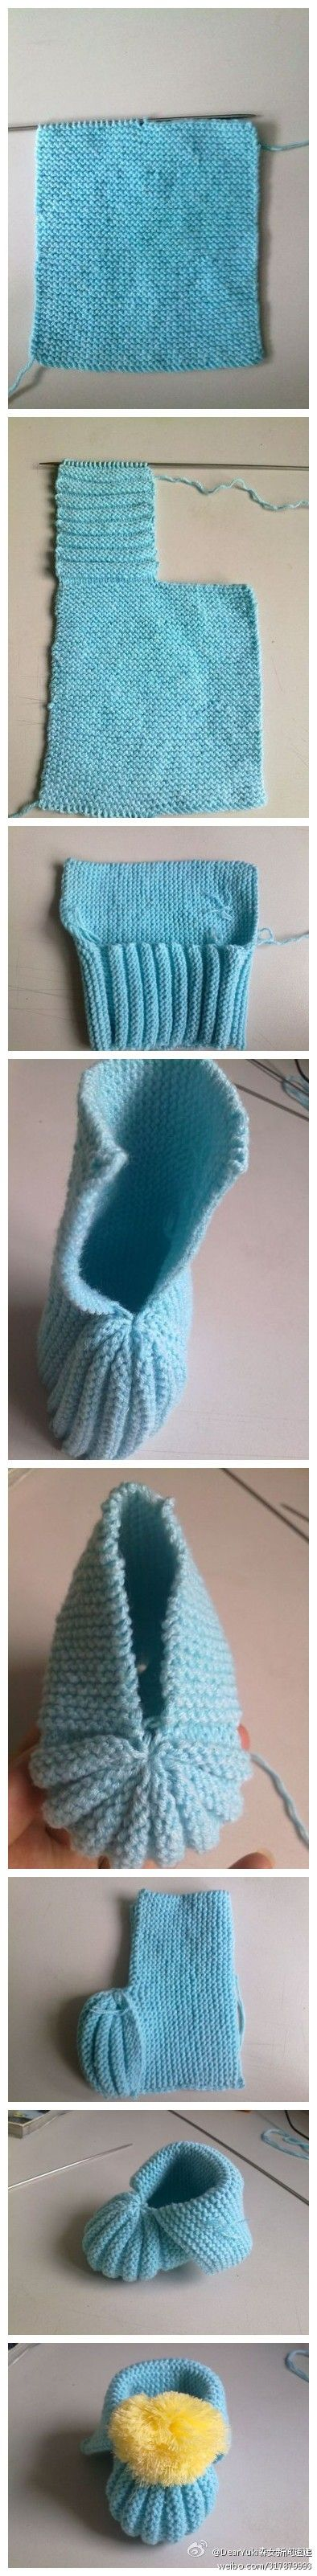 【娃娃鞋的编织方法】1.起13针,织成这样,收一半,留一半 2.继续打,四排正四排反 3.合拢 4.上面和下面都收紧 5.底面缝合 6.上面的翻过来 7.最后加个装饰即完成。一起在冬天为宝宝织双温暖的小鞋吧!